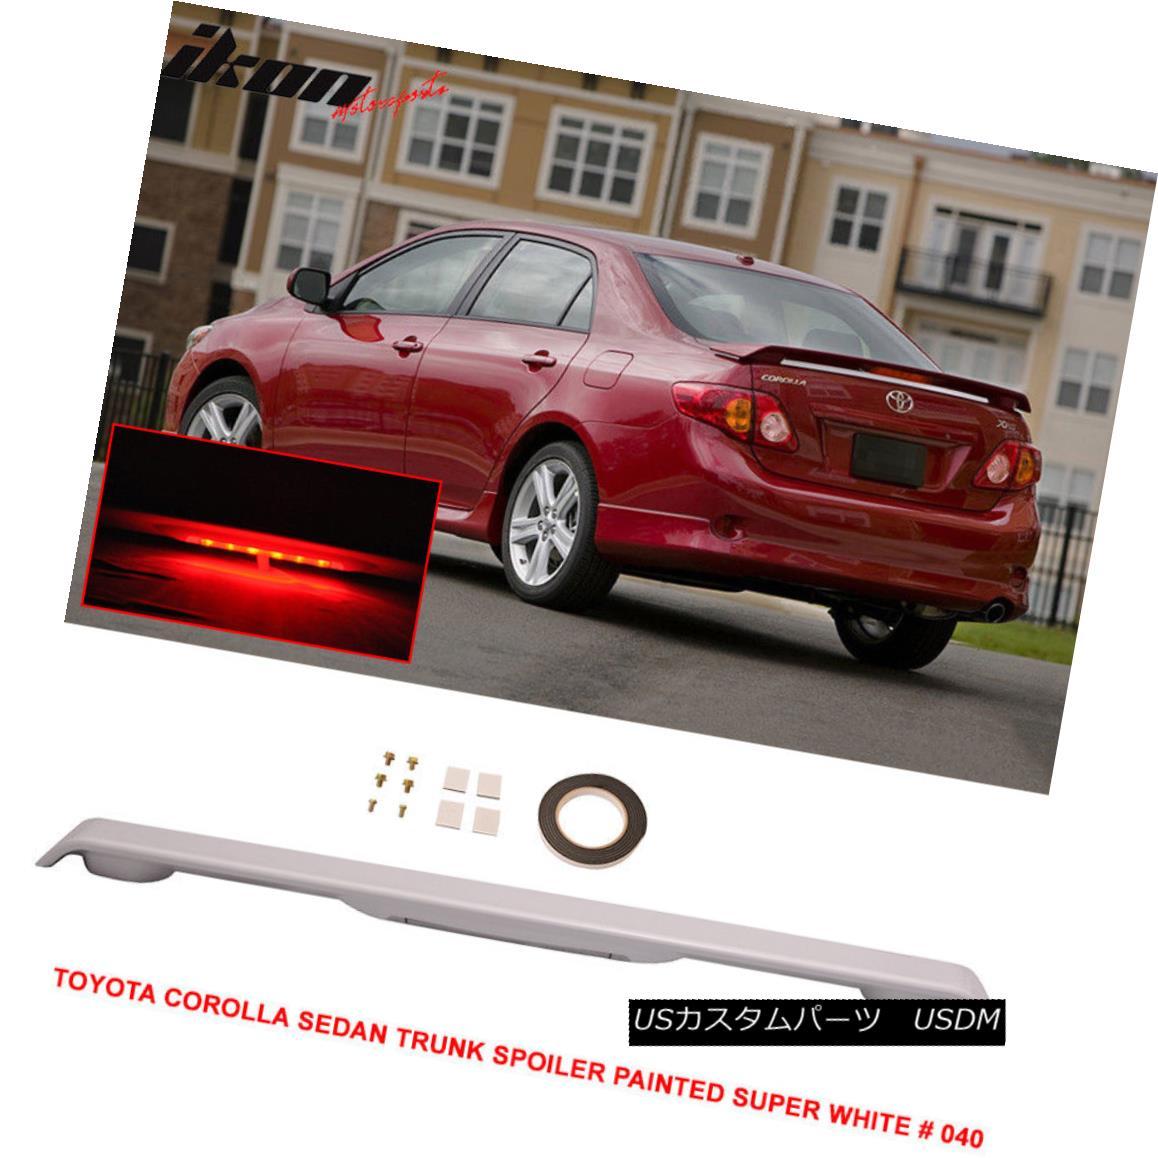 エアロパーツ 09-13 Toyota Corolla 4Dr Trunk Spoiler Painted Super White # 040 LED Light 09-13トヨタカローラ4Drトランクスポイラー塗装スーパーホワイト#040 LEDライト